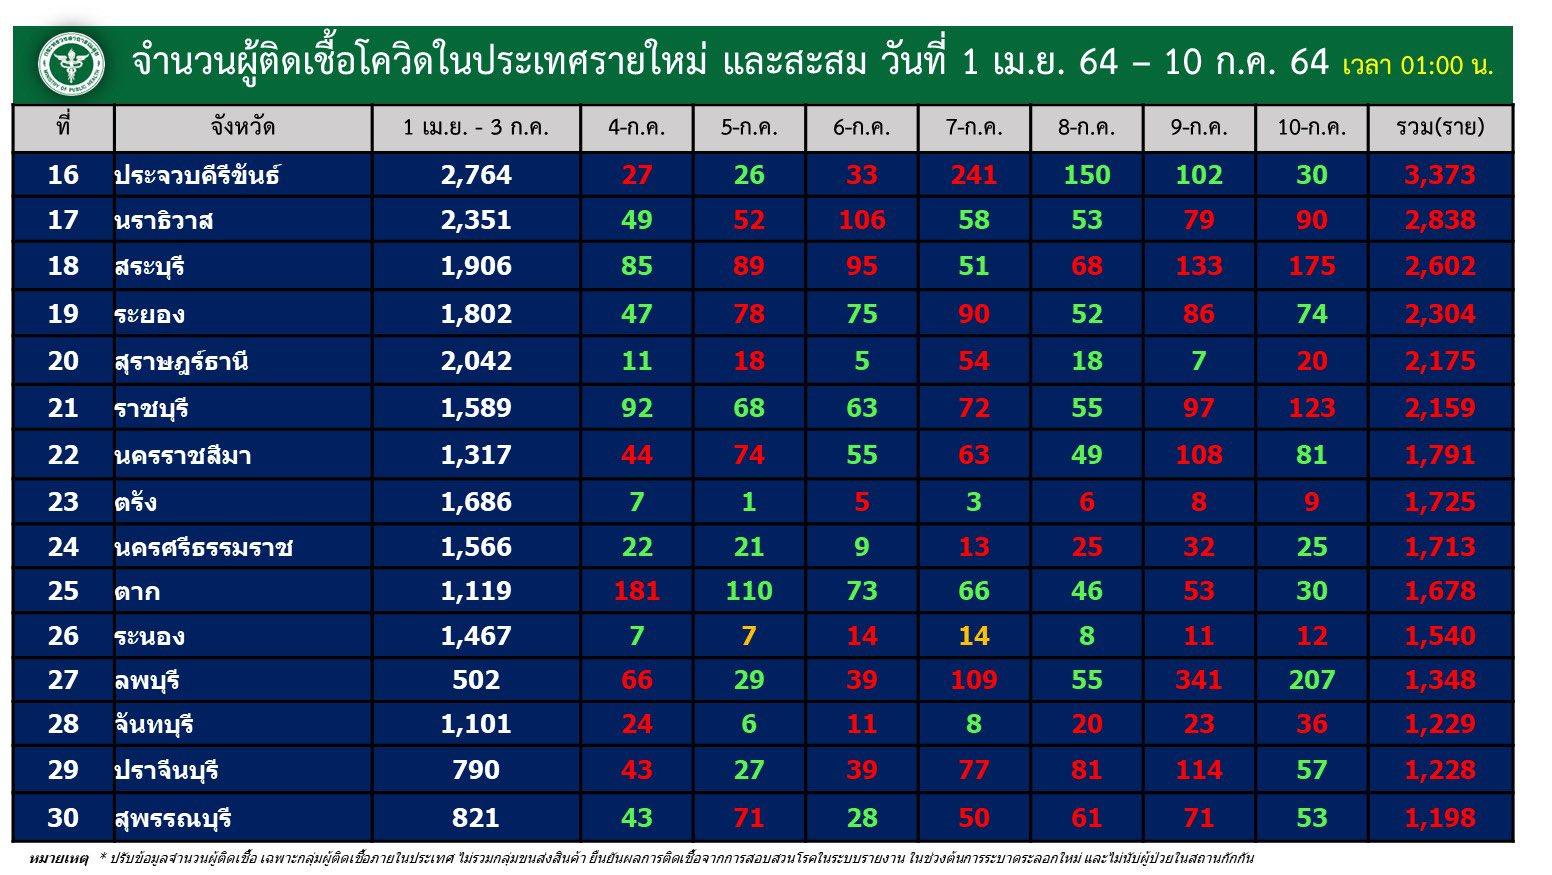 www.thaiguide.dk/images/forum/covid19/smitte%20provinser%20dag%20og%20total%2009-07-21%202.jpg